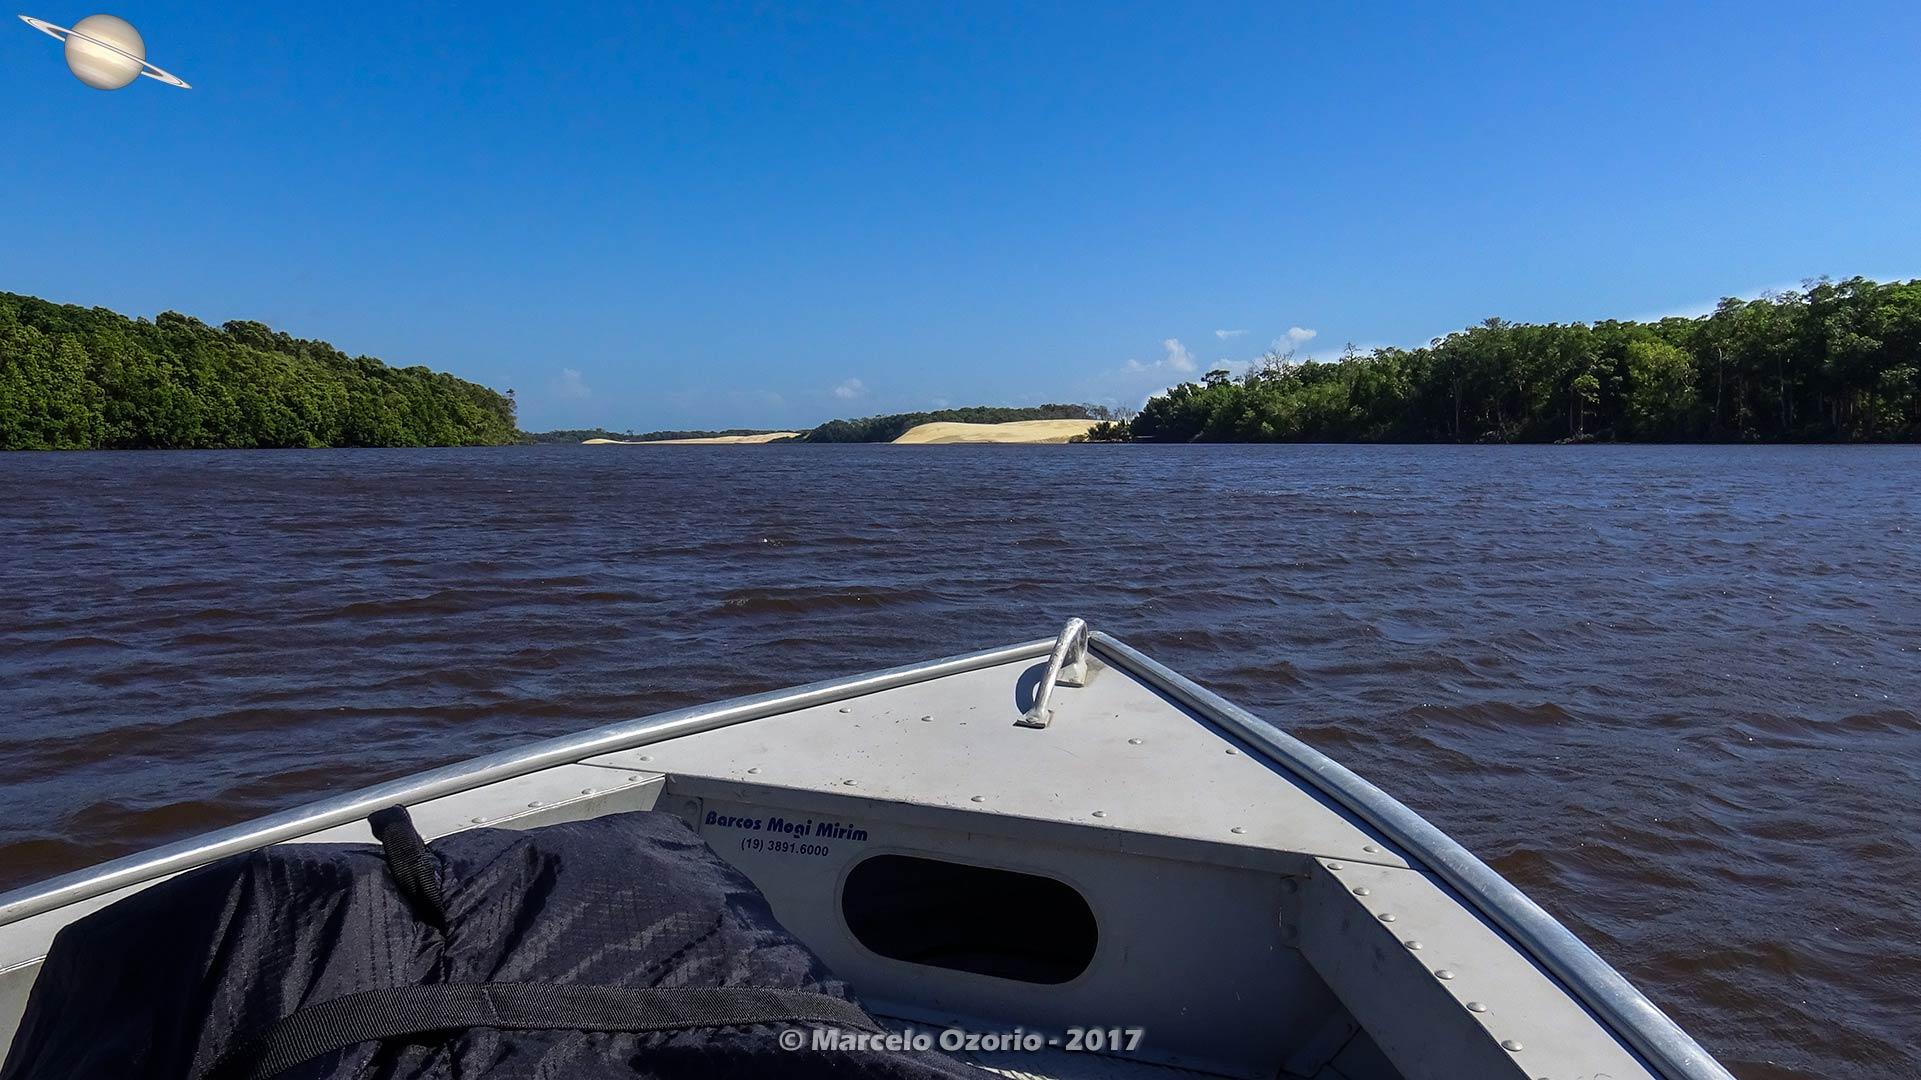 Descendo pelo Rio Preguiças até Lençóis Maranhenses